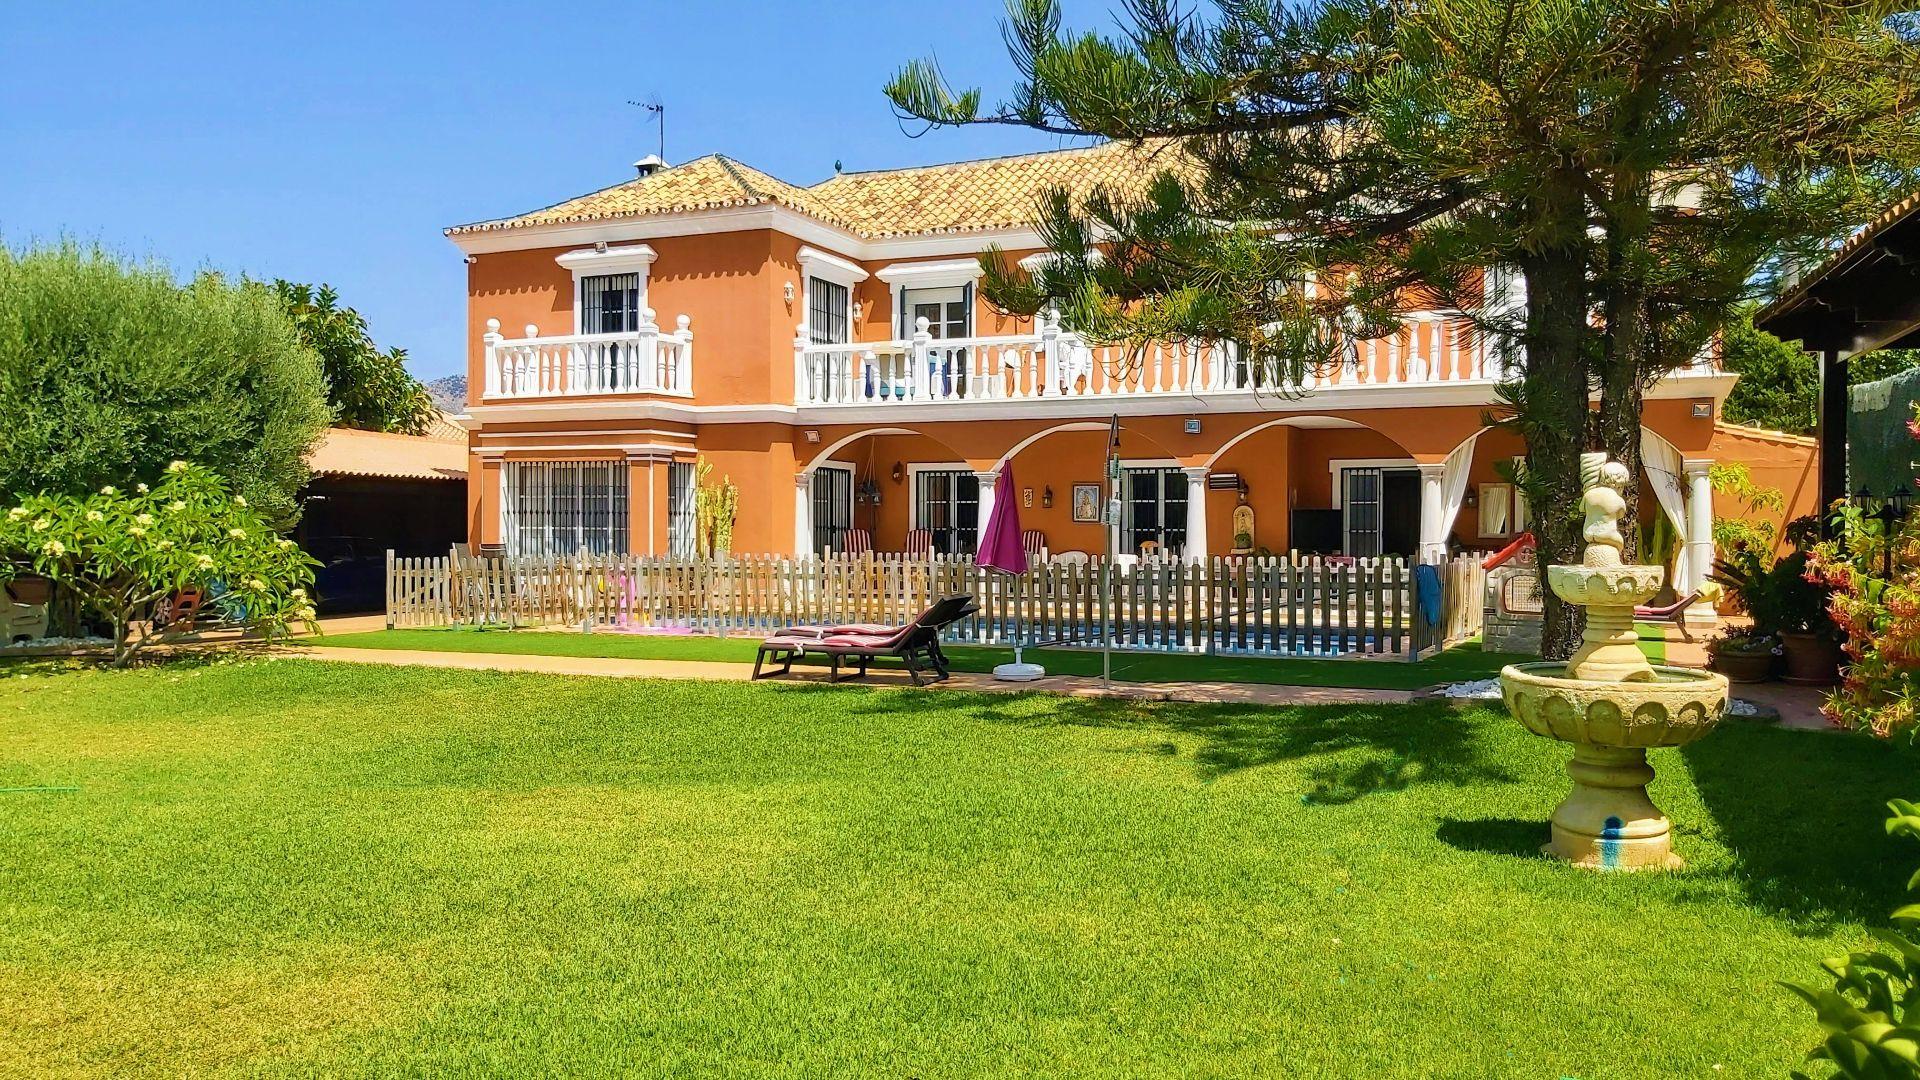 Villa de Lujo en Marbella, Vallesol (Guadalmina Alta), venta